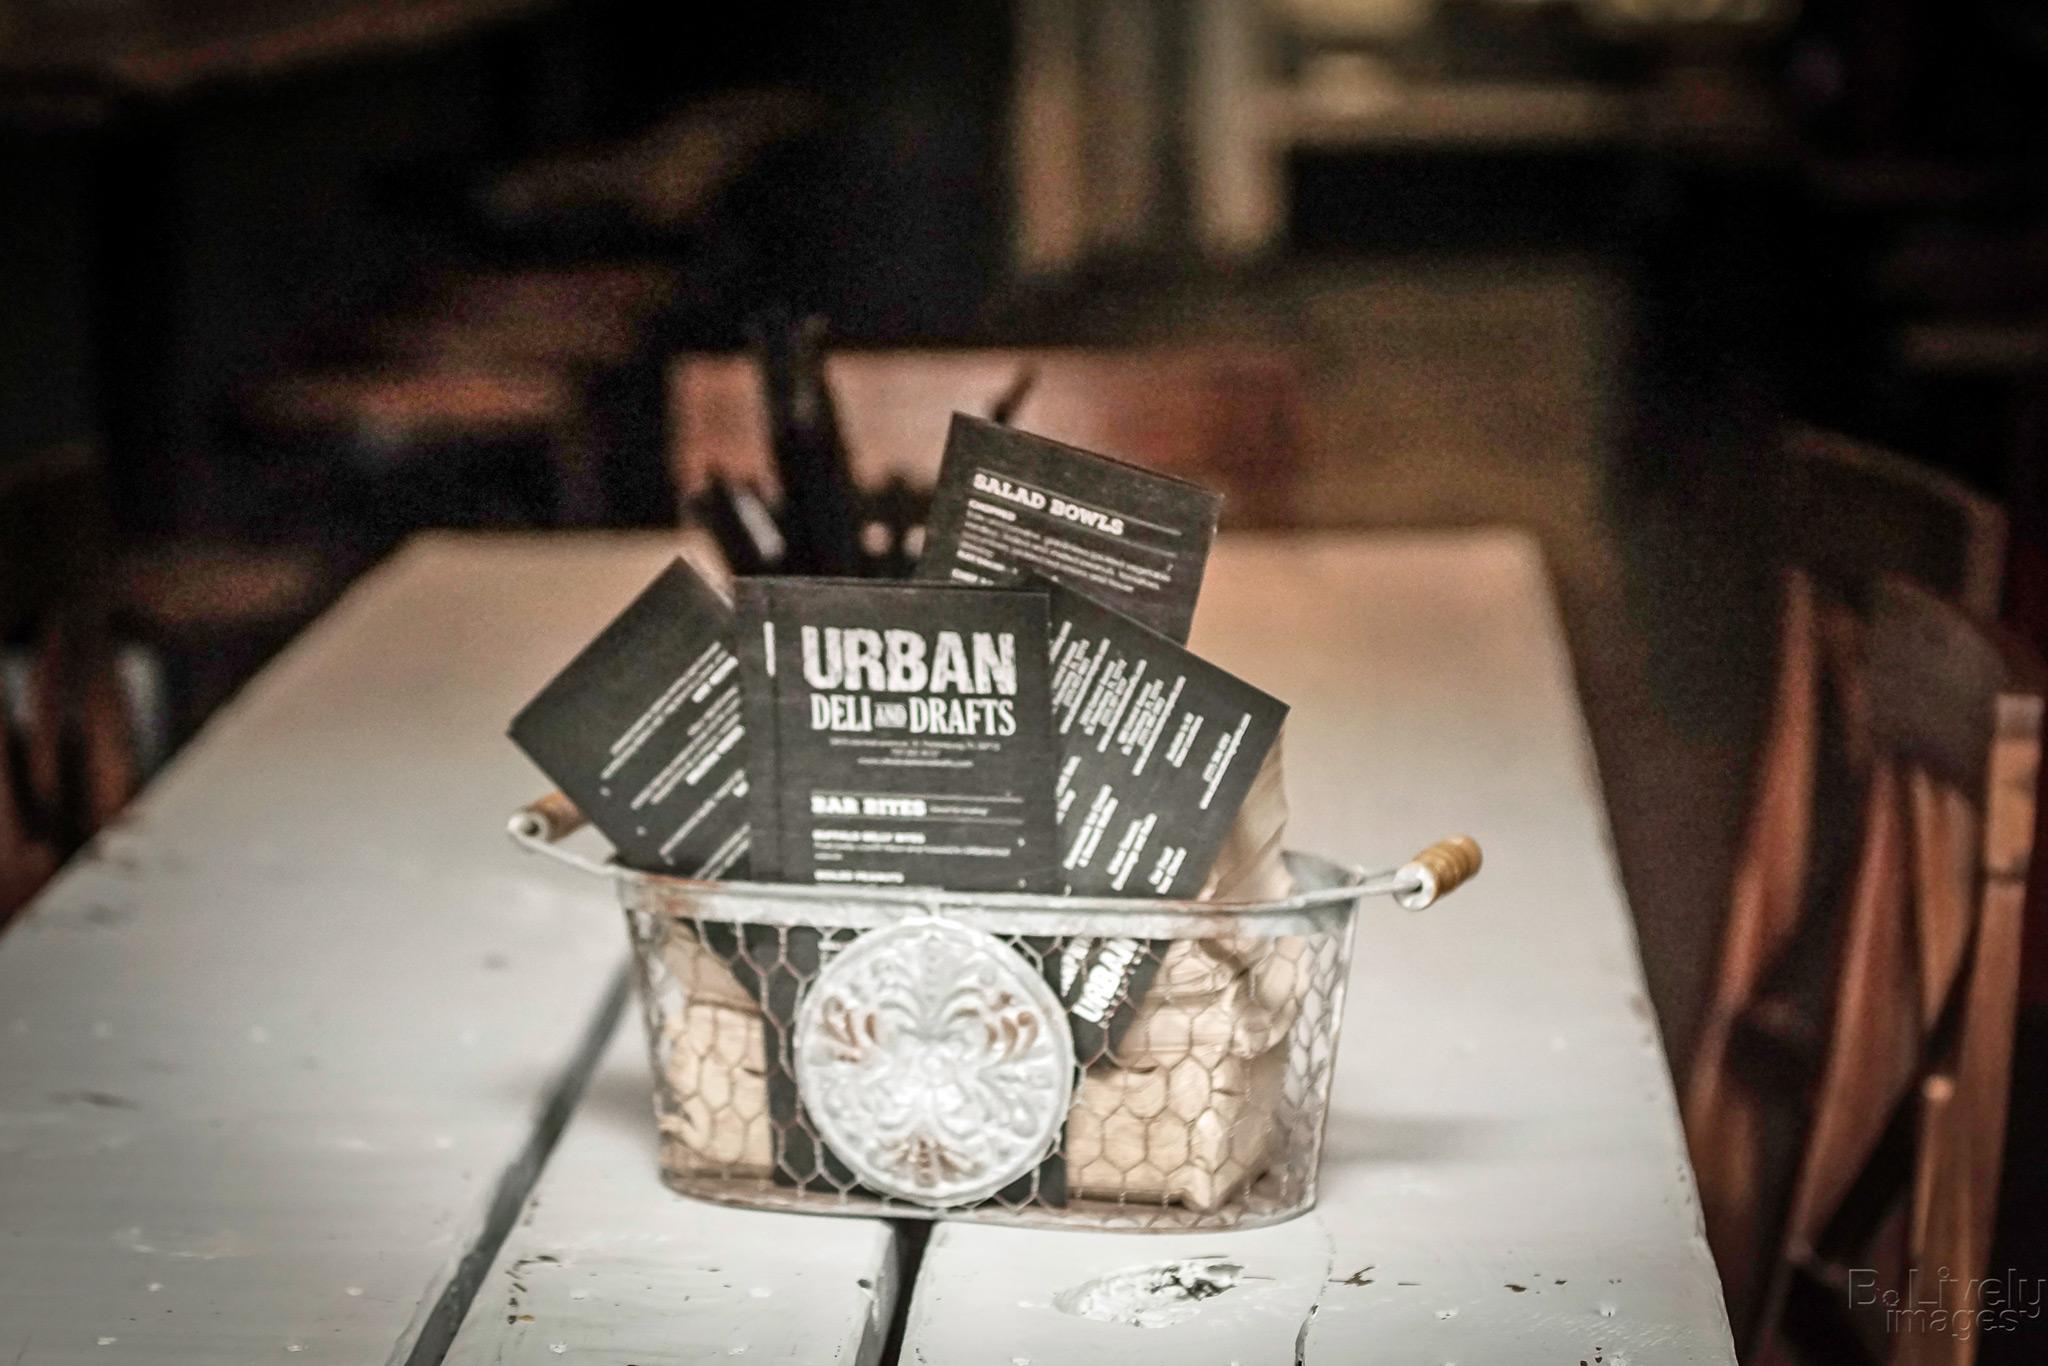 Urban Deli and Drafts